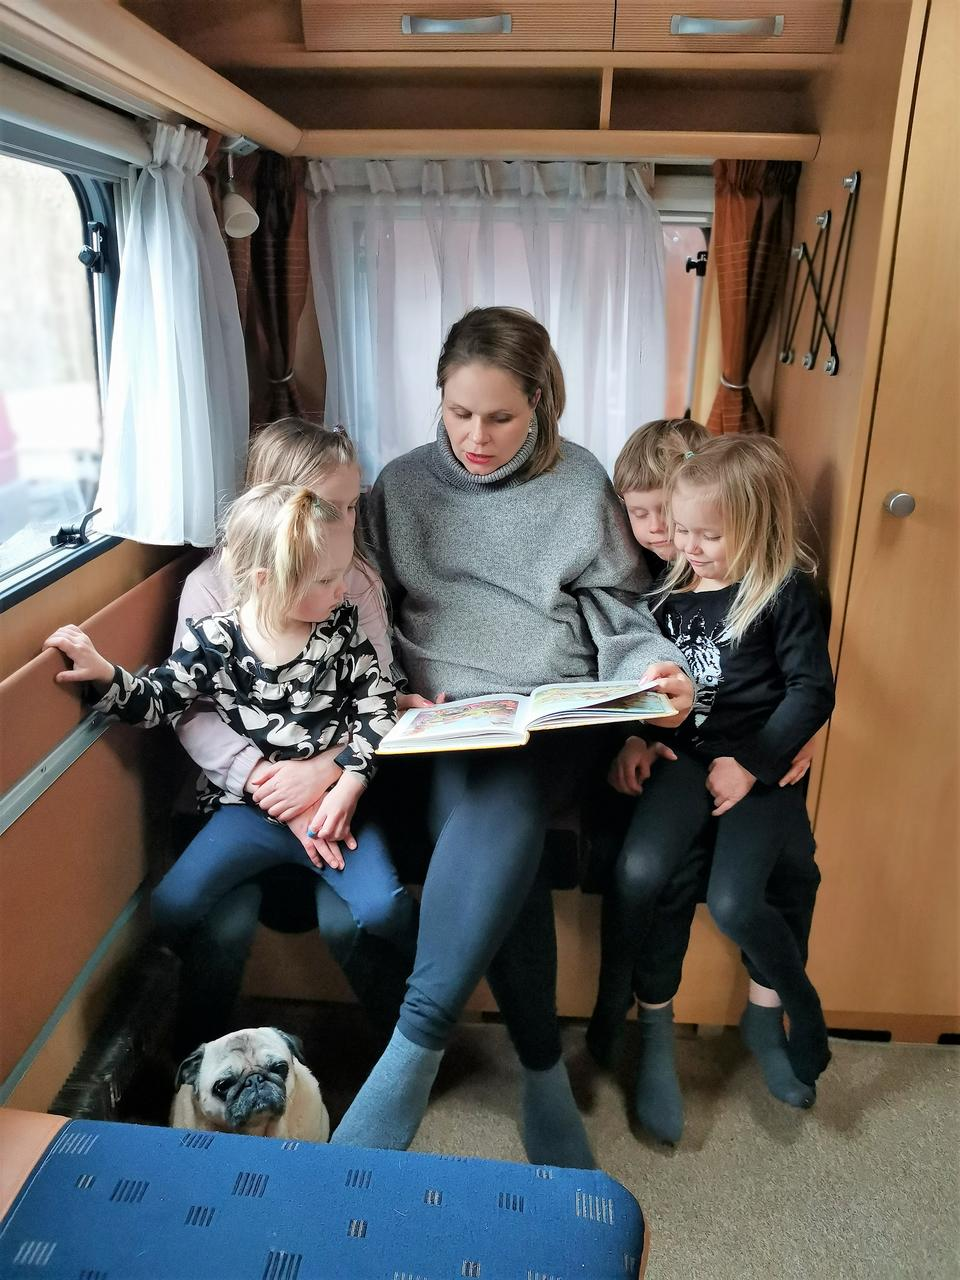 Eeva lukee kirjaa lapsille asuntovaunussa.